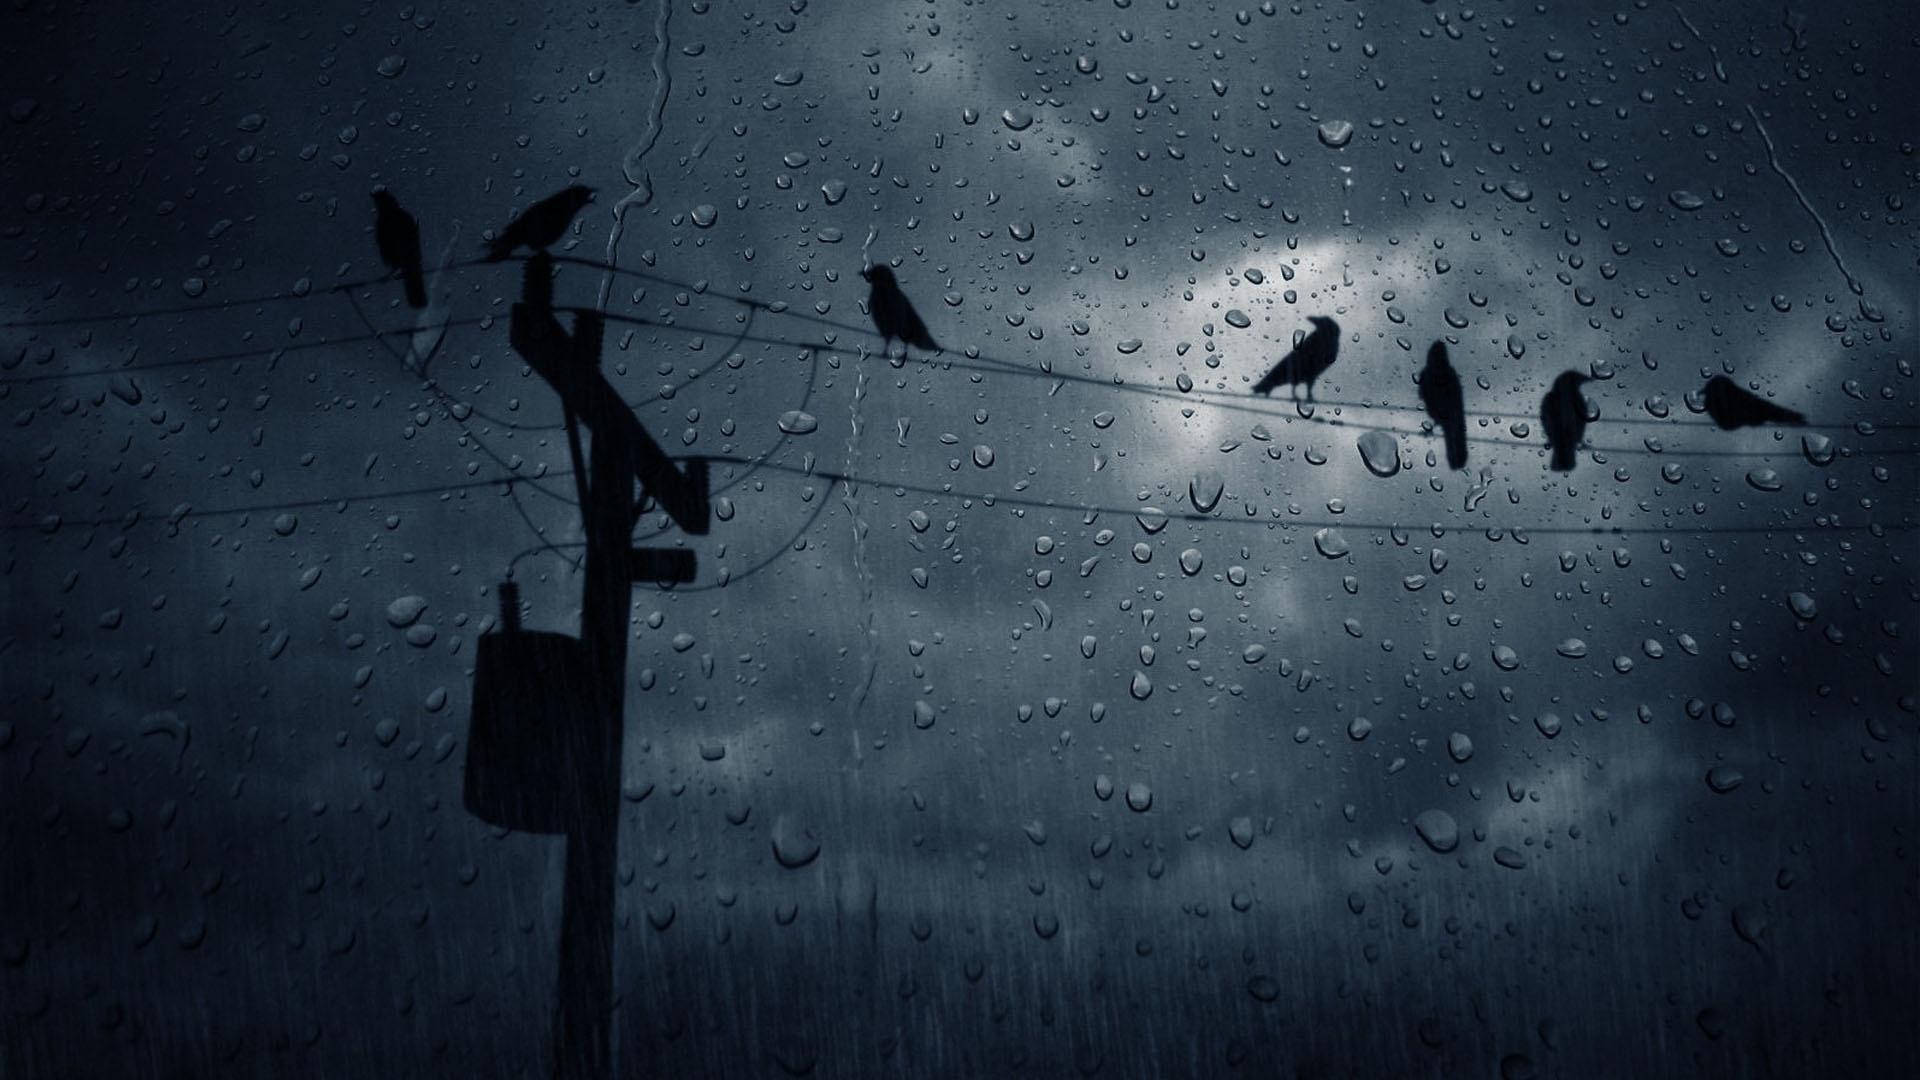 Falling Rain Wallpaper Hd Bestpsdtohtml rain 1920x1080